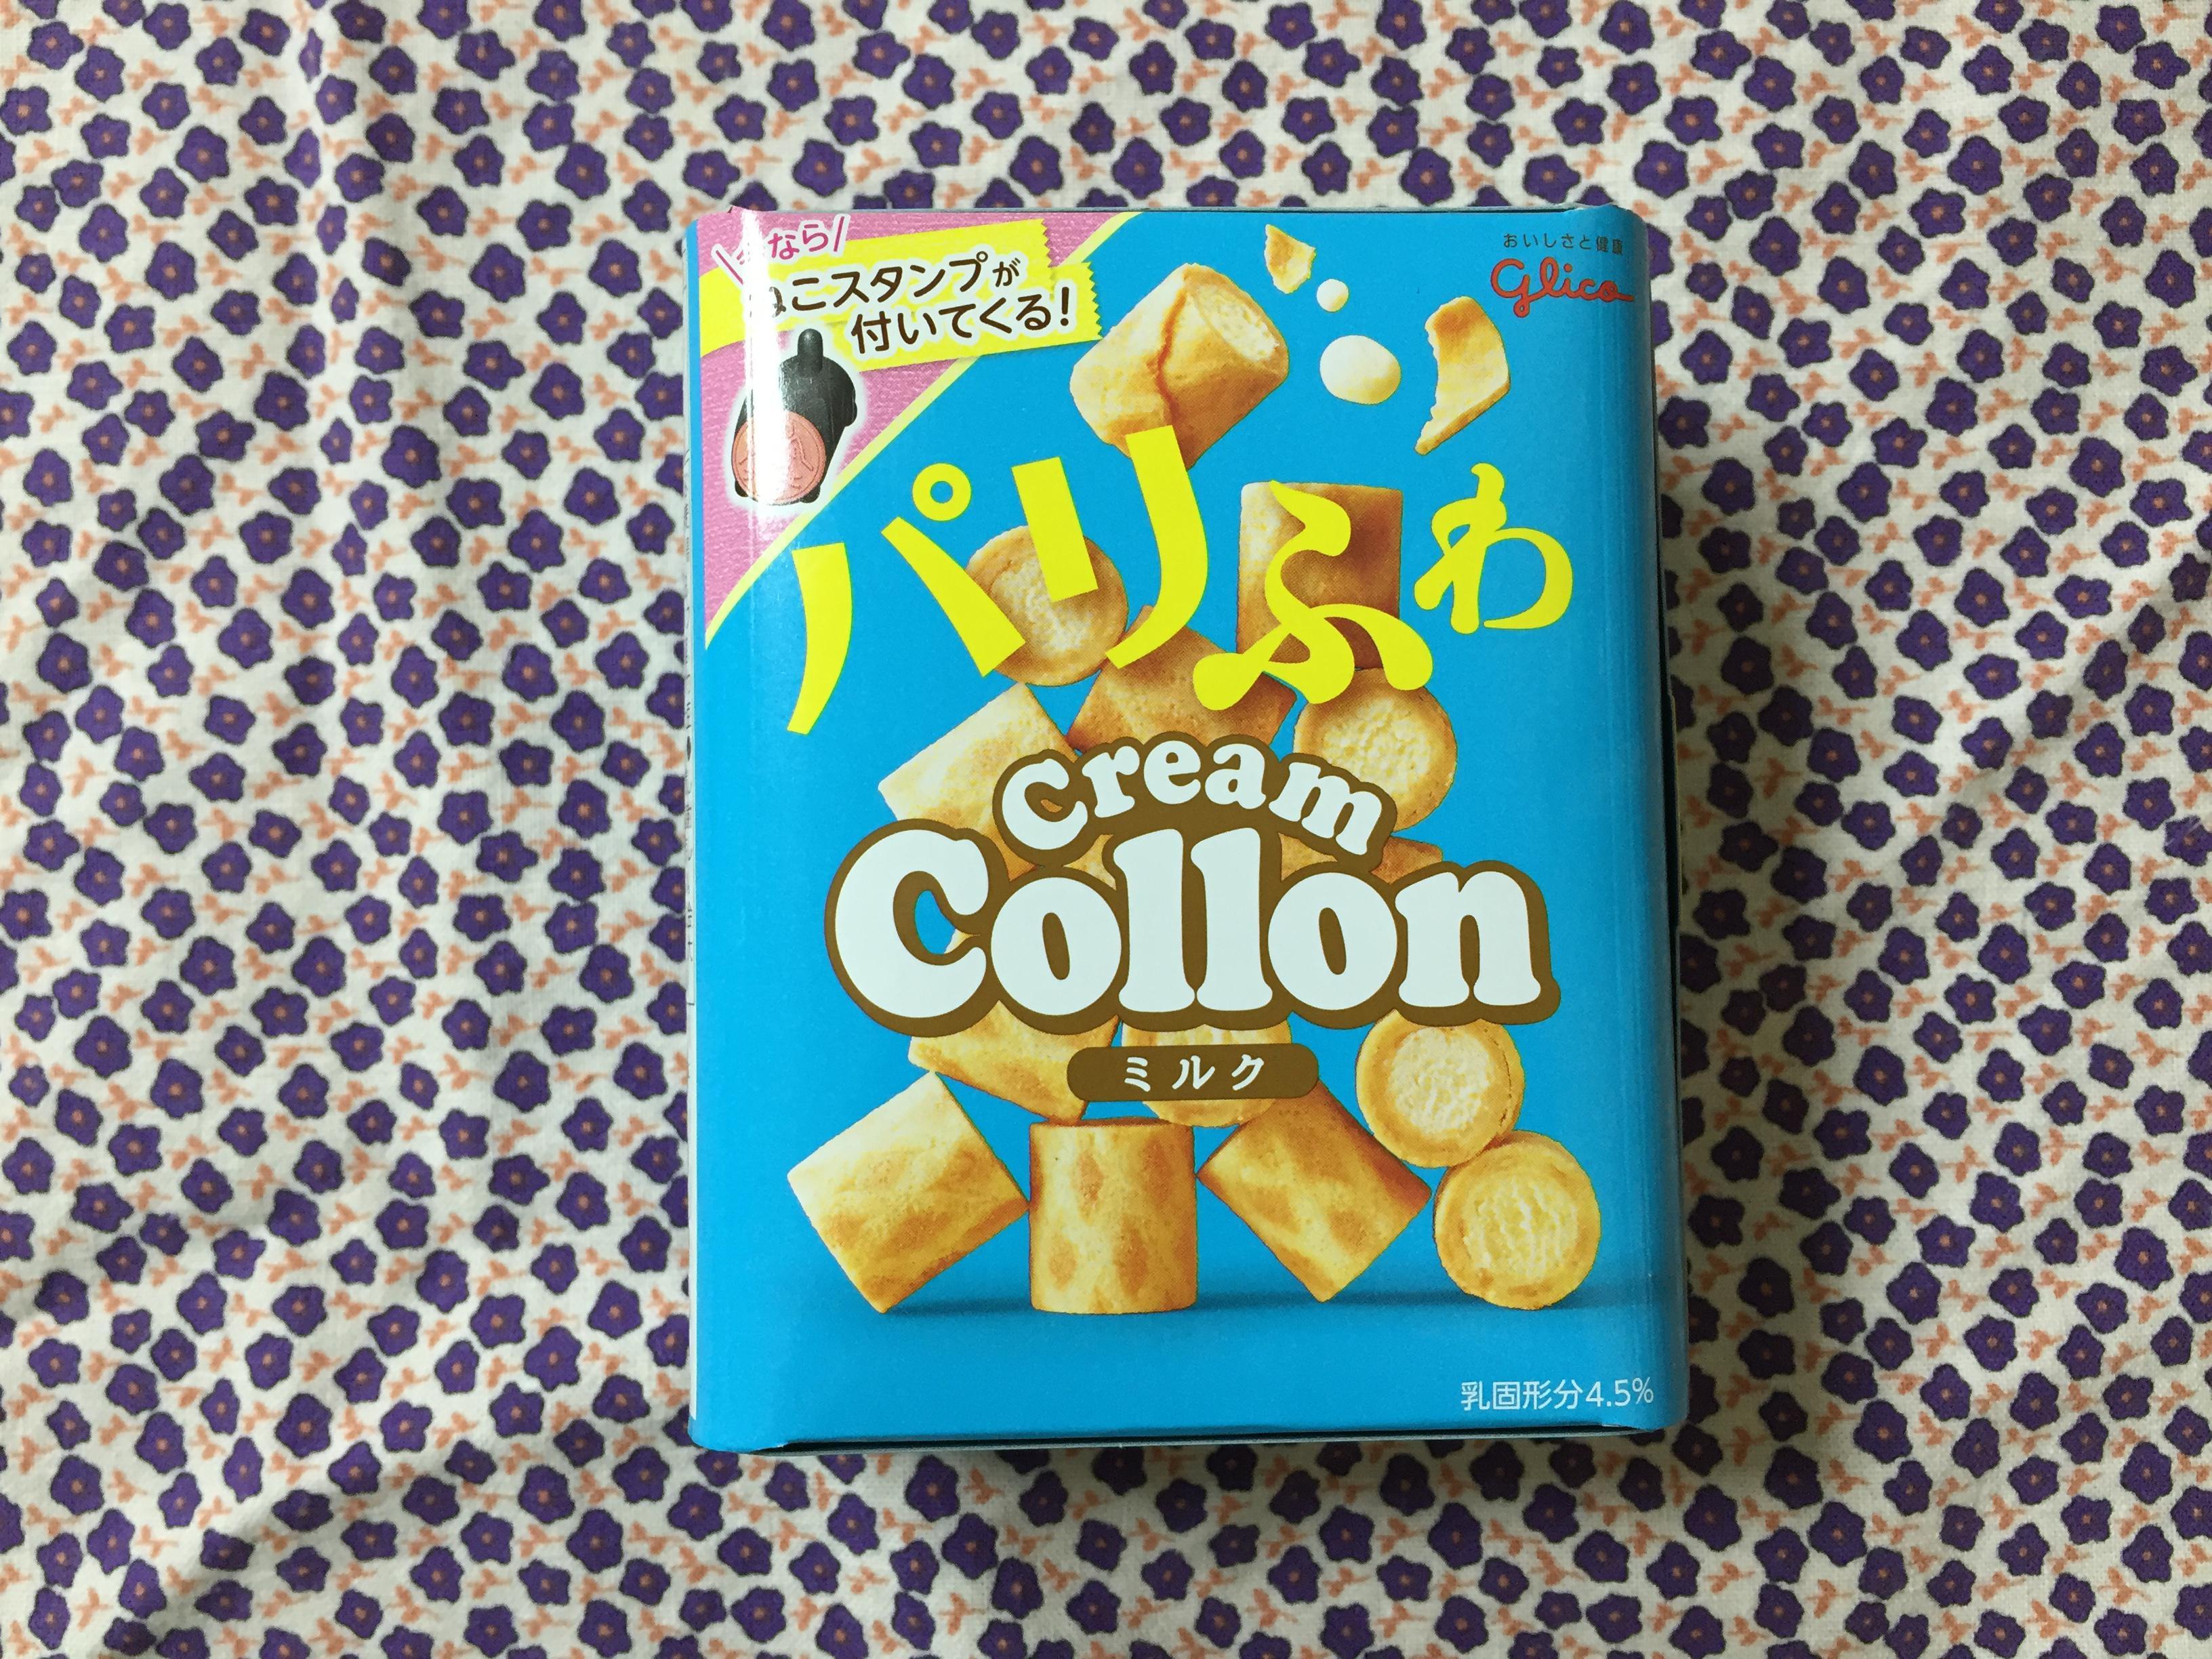 바삭 달콤한 맛, [glico]Cream Collon 밀크